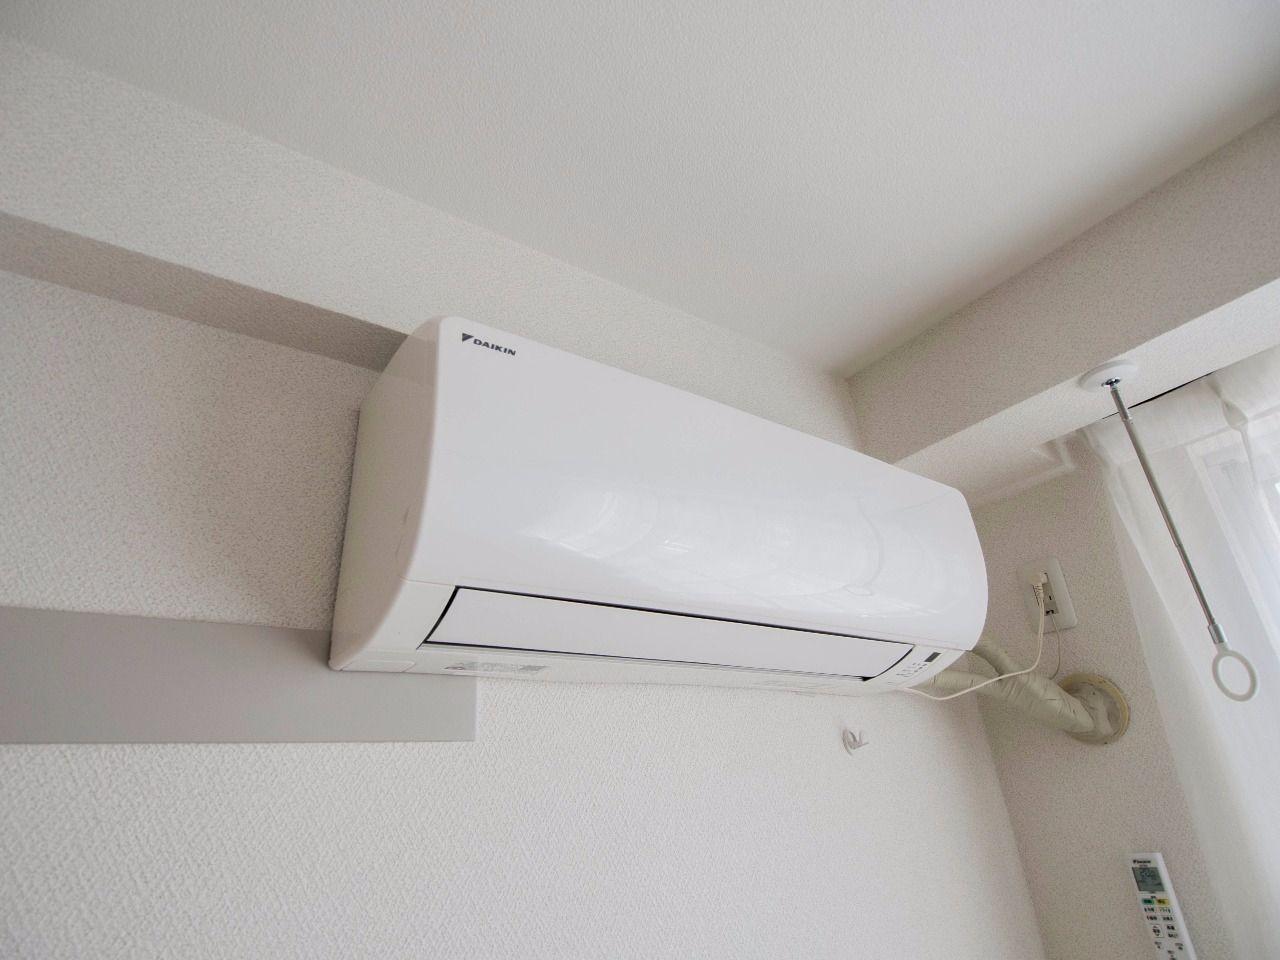 ダイキン製のエアコン